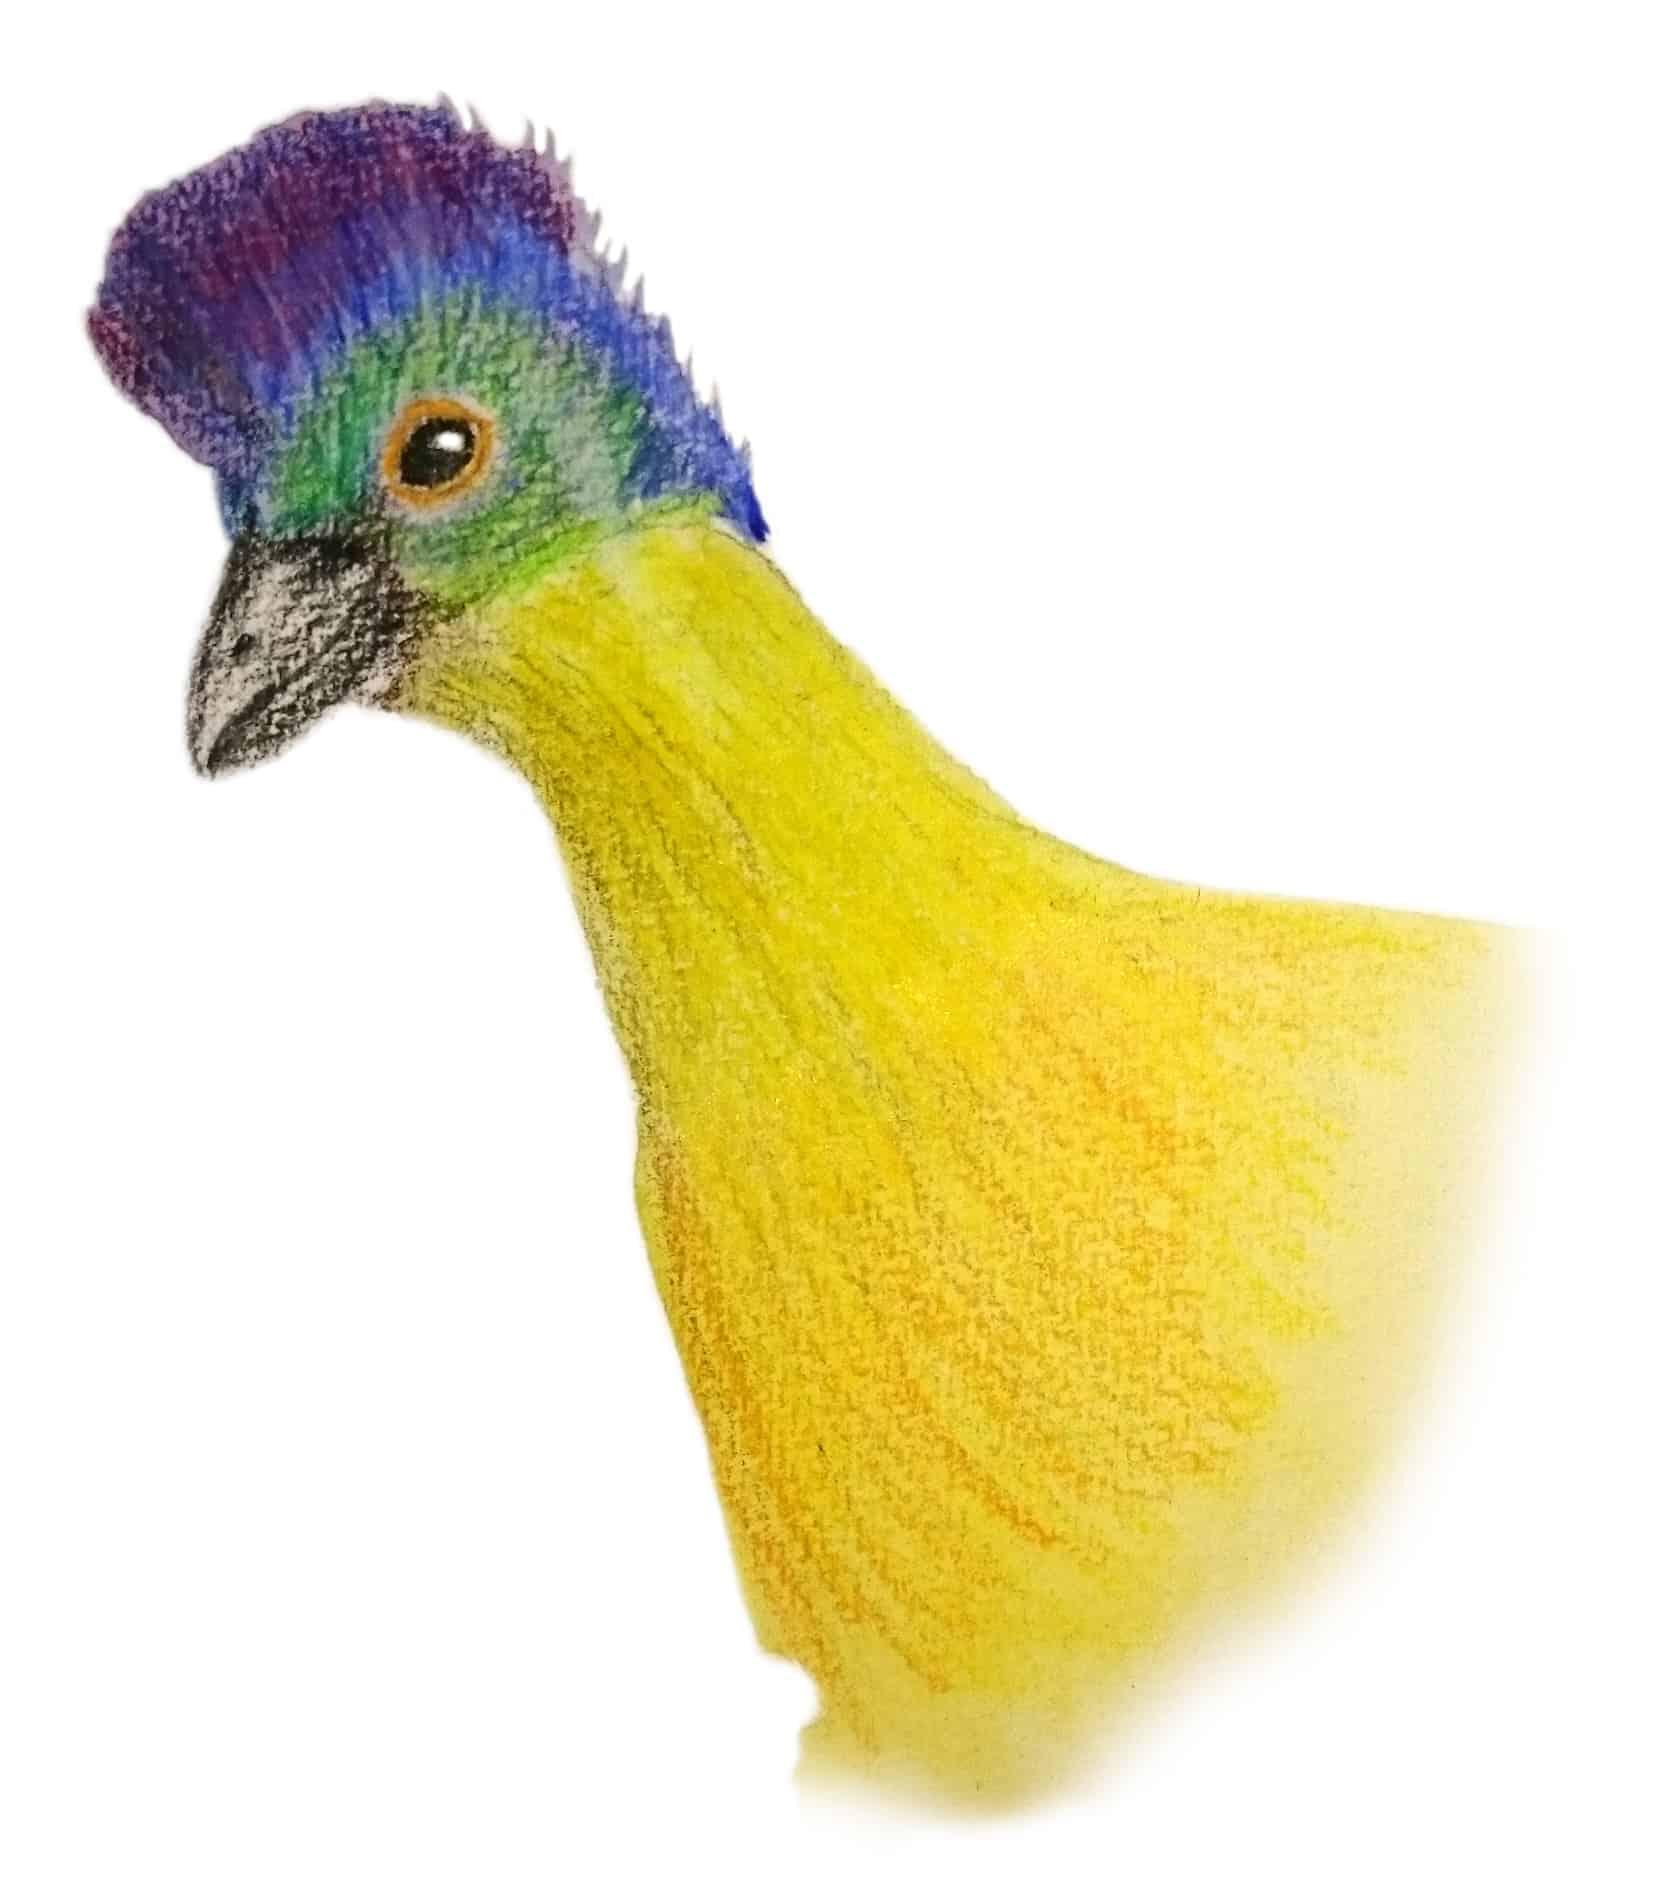 Turacao bird